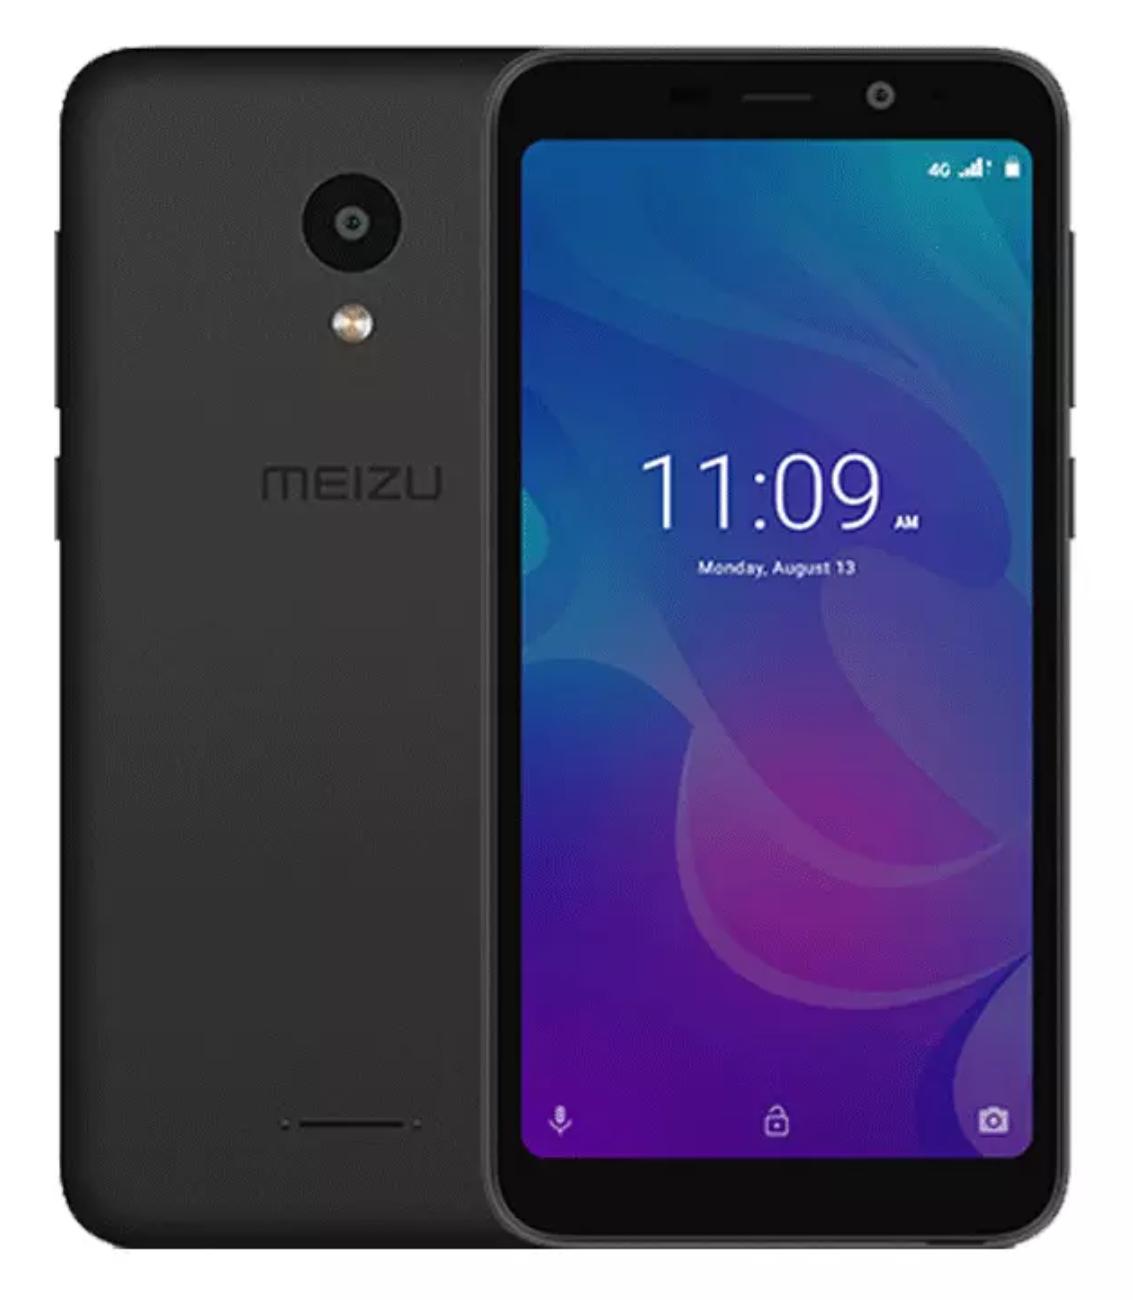 """Meizu C9 Pro 3GB 32GB Global Version Mobile Phone Quad Core 5.45"""" 1440X720P Front 13MP Rear 13MP 3000mAh £51.81 @ AliExpress / MEIZU"""